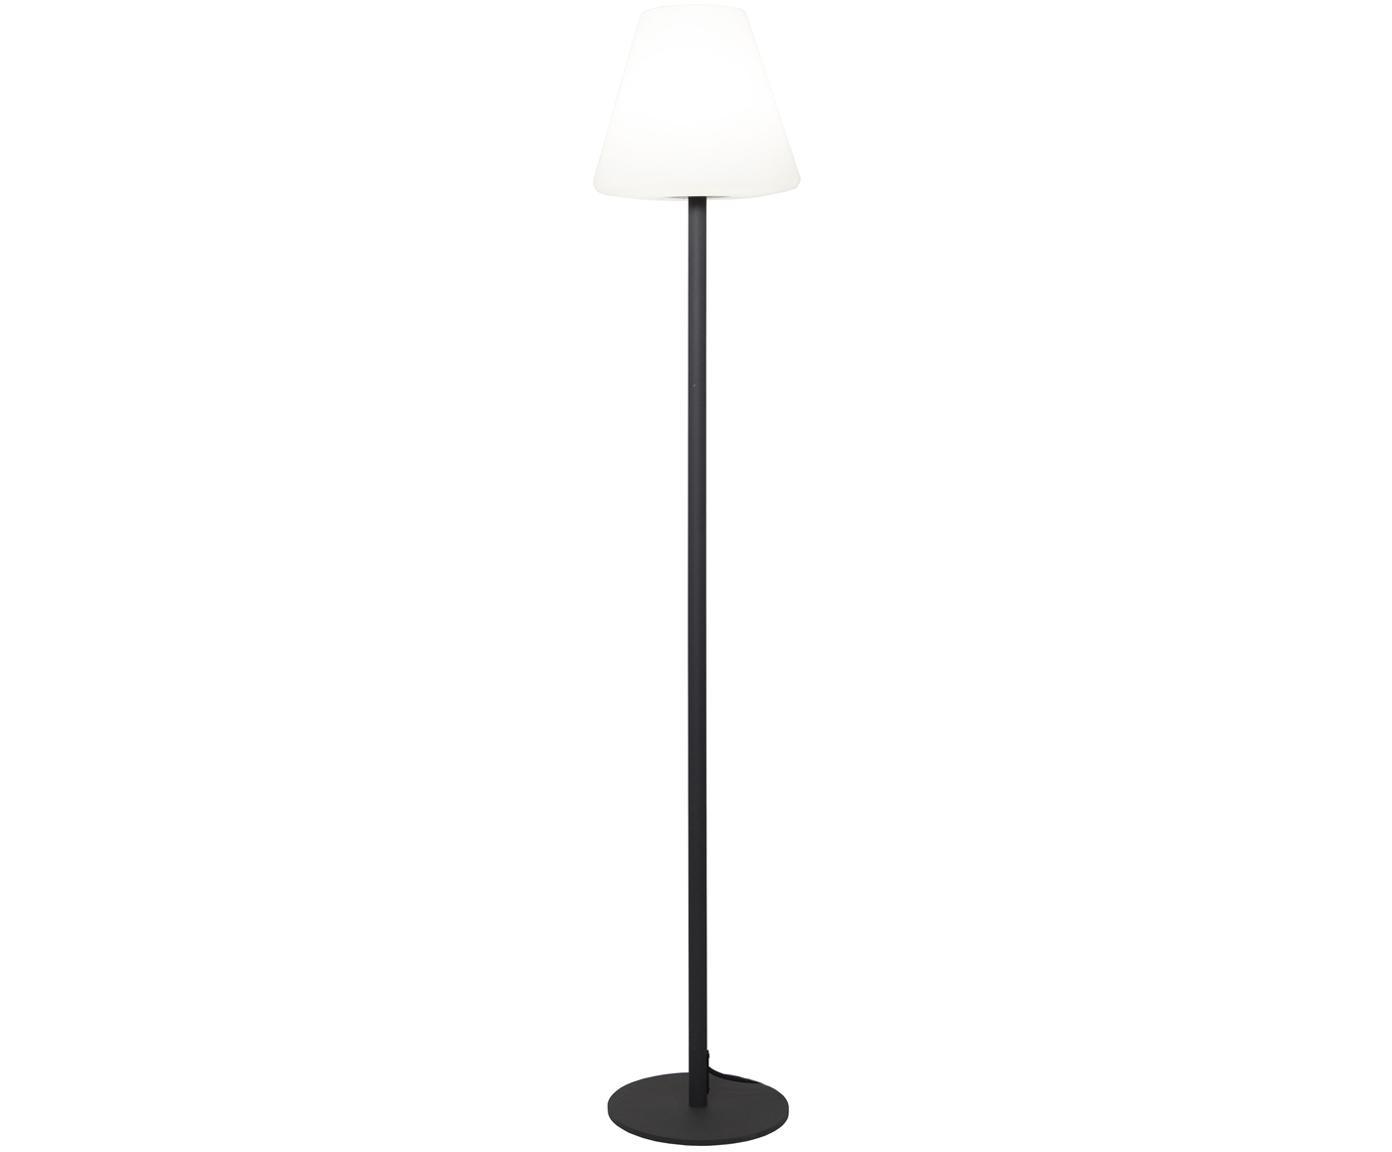 Lámpara de pie LED de exterior Gardenlight, Blanco, gris antracita, Ø 28 x Al 150 cm